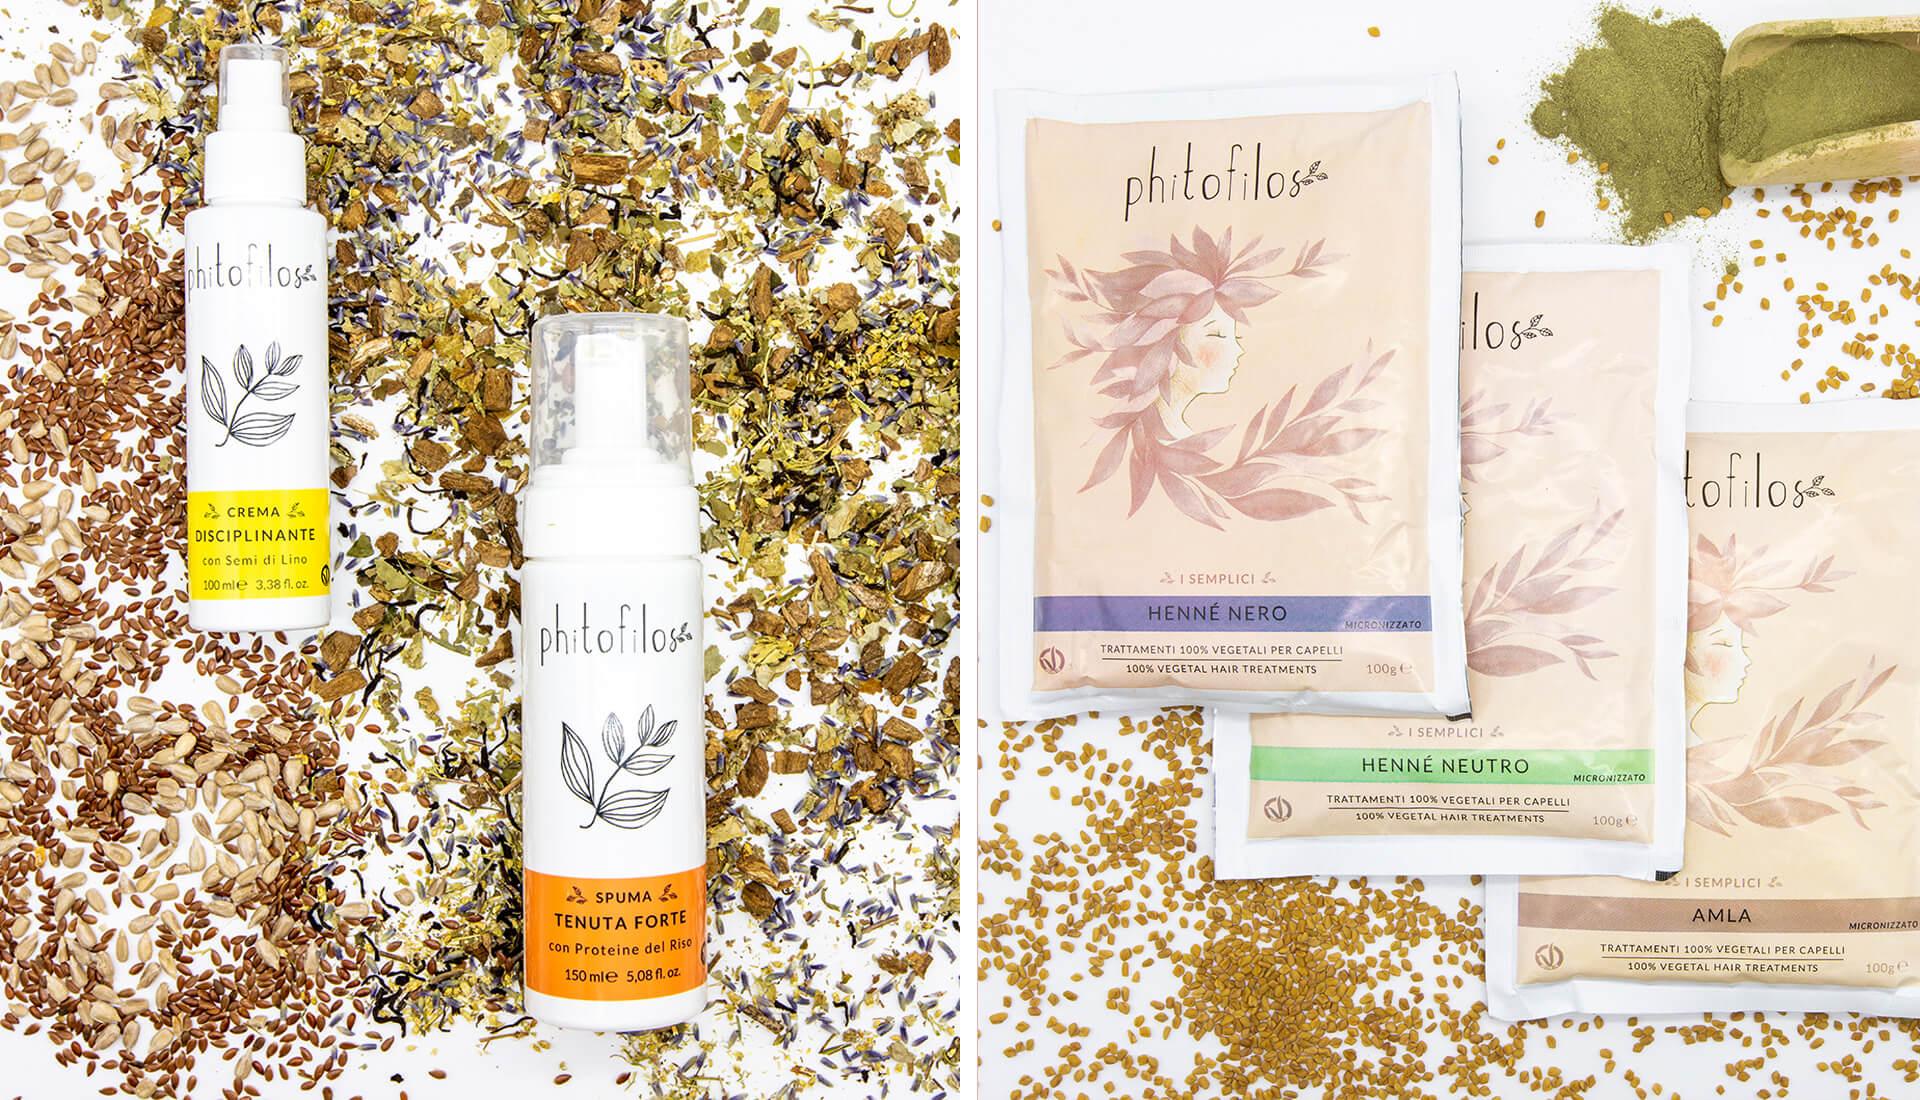 phitofilos-portfolio-5